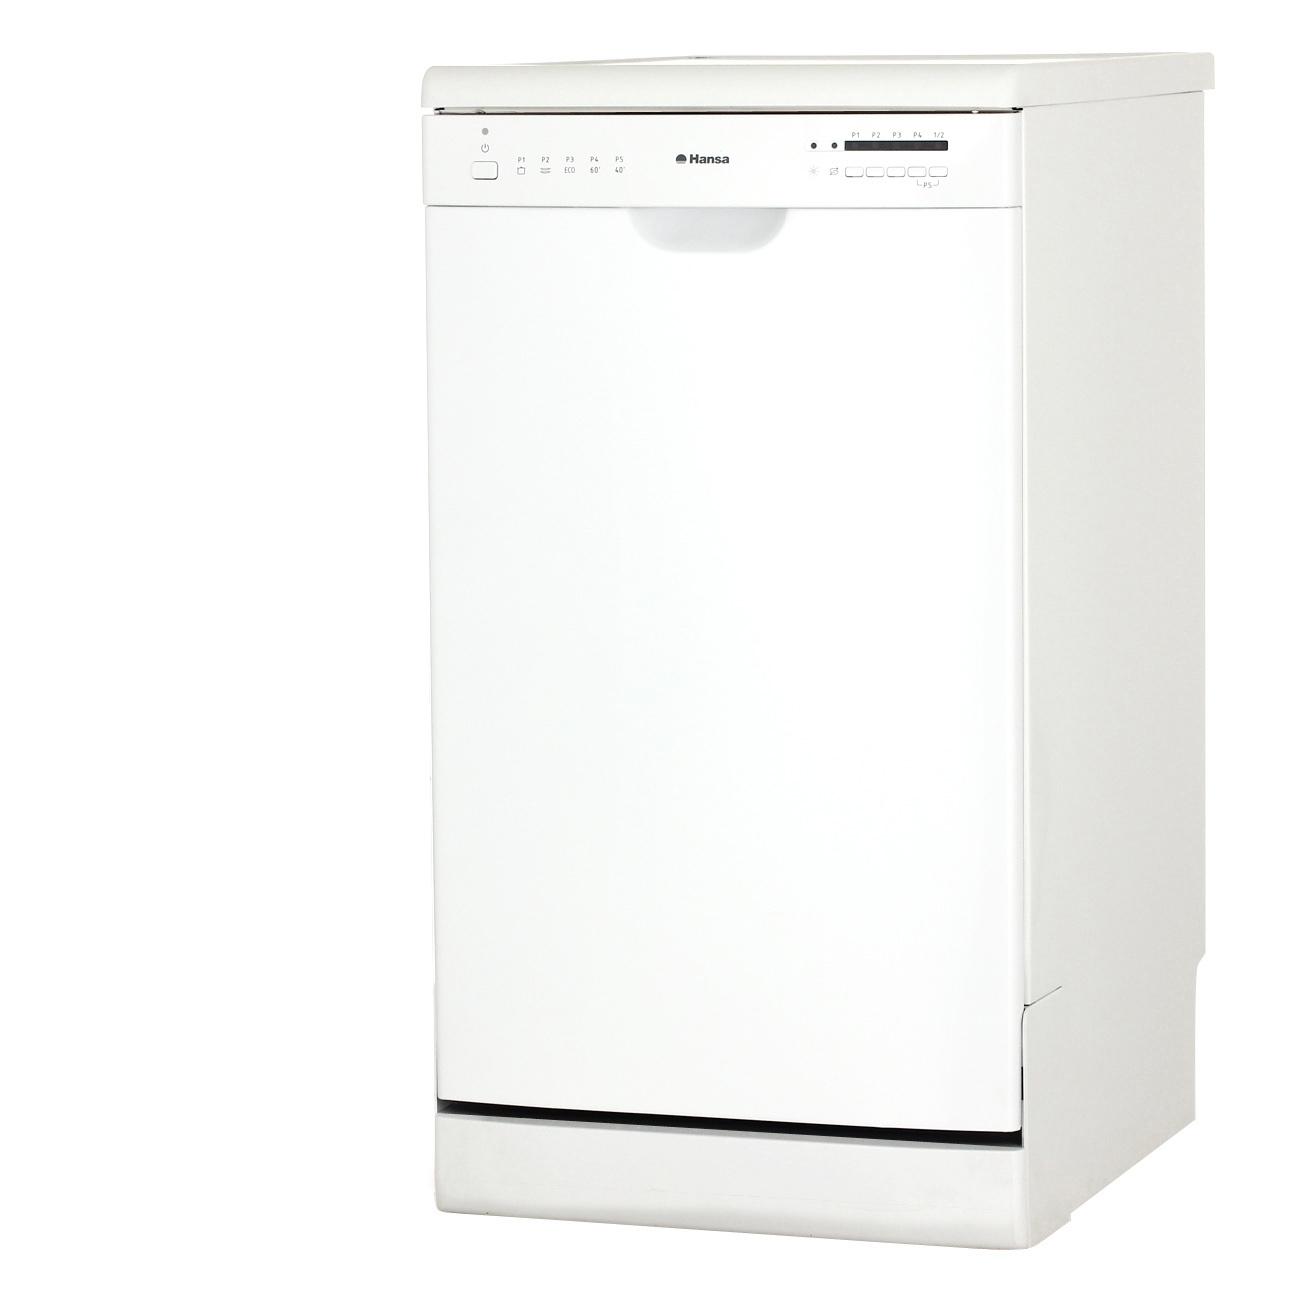 Купить Посудомоечная машина (45 см) Hansa ZWM4577WH недорого